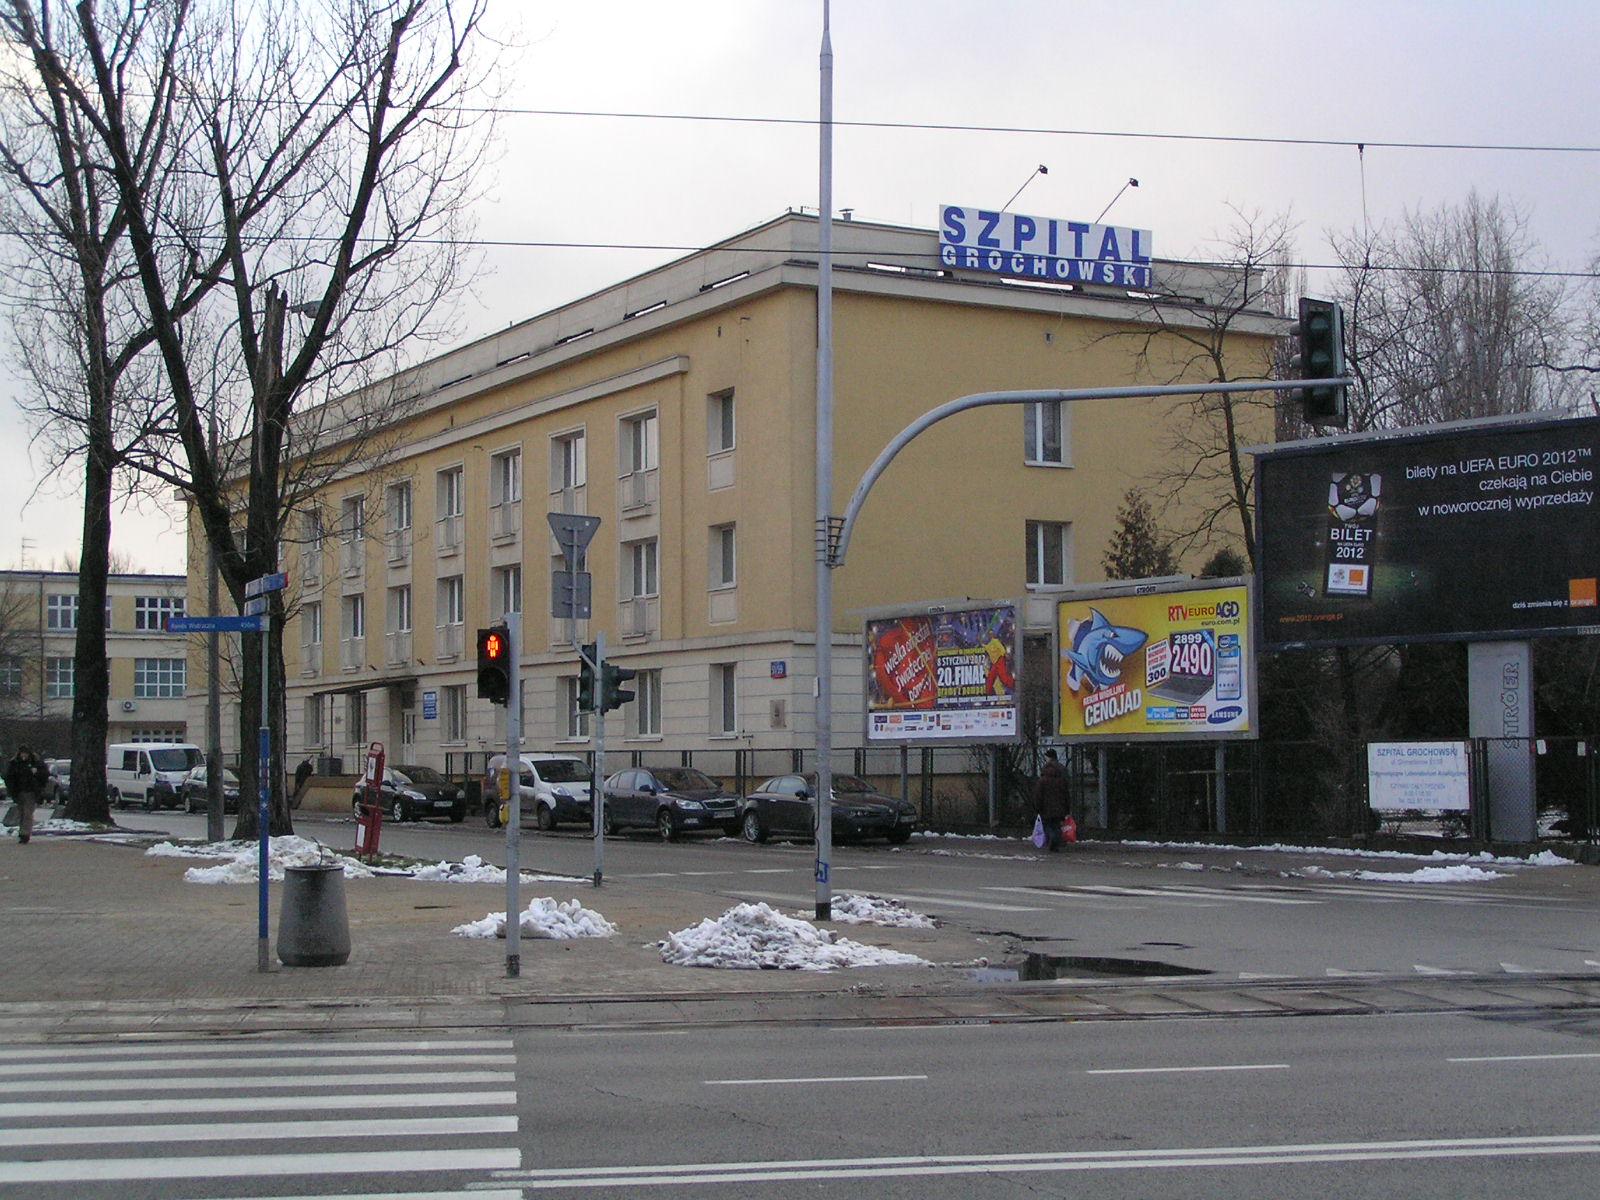 Radni o likwidowanych szkołach i Szpitalu Grochowskim